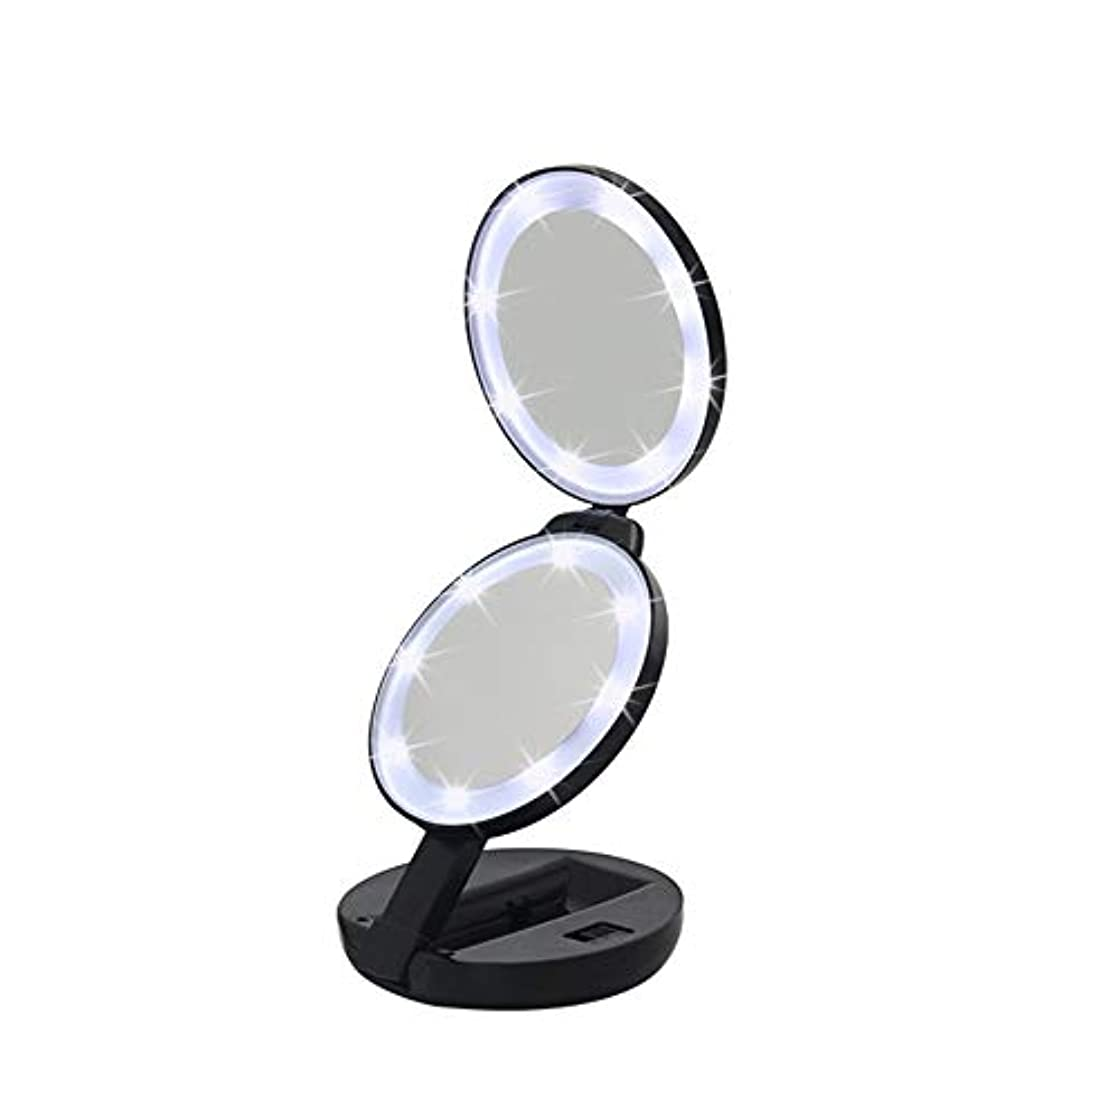 二十おめでとう敬意を表して流行の 新しいラウンド三つ折りLEDフィルライト化粧鏡ABS素材虫眼鏡ハンドヘルド美容ミラーブラック